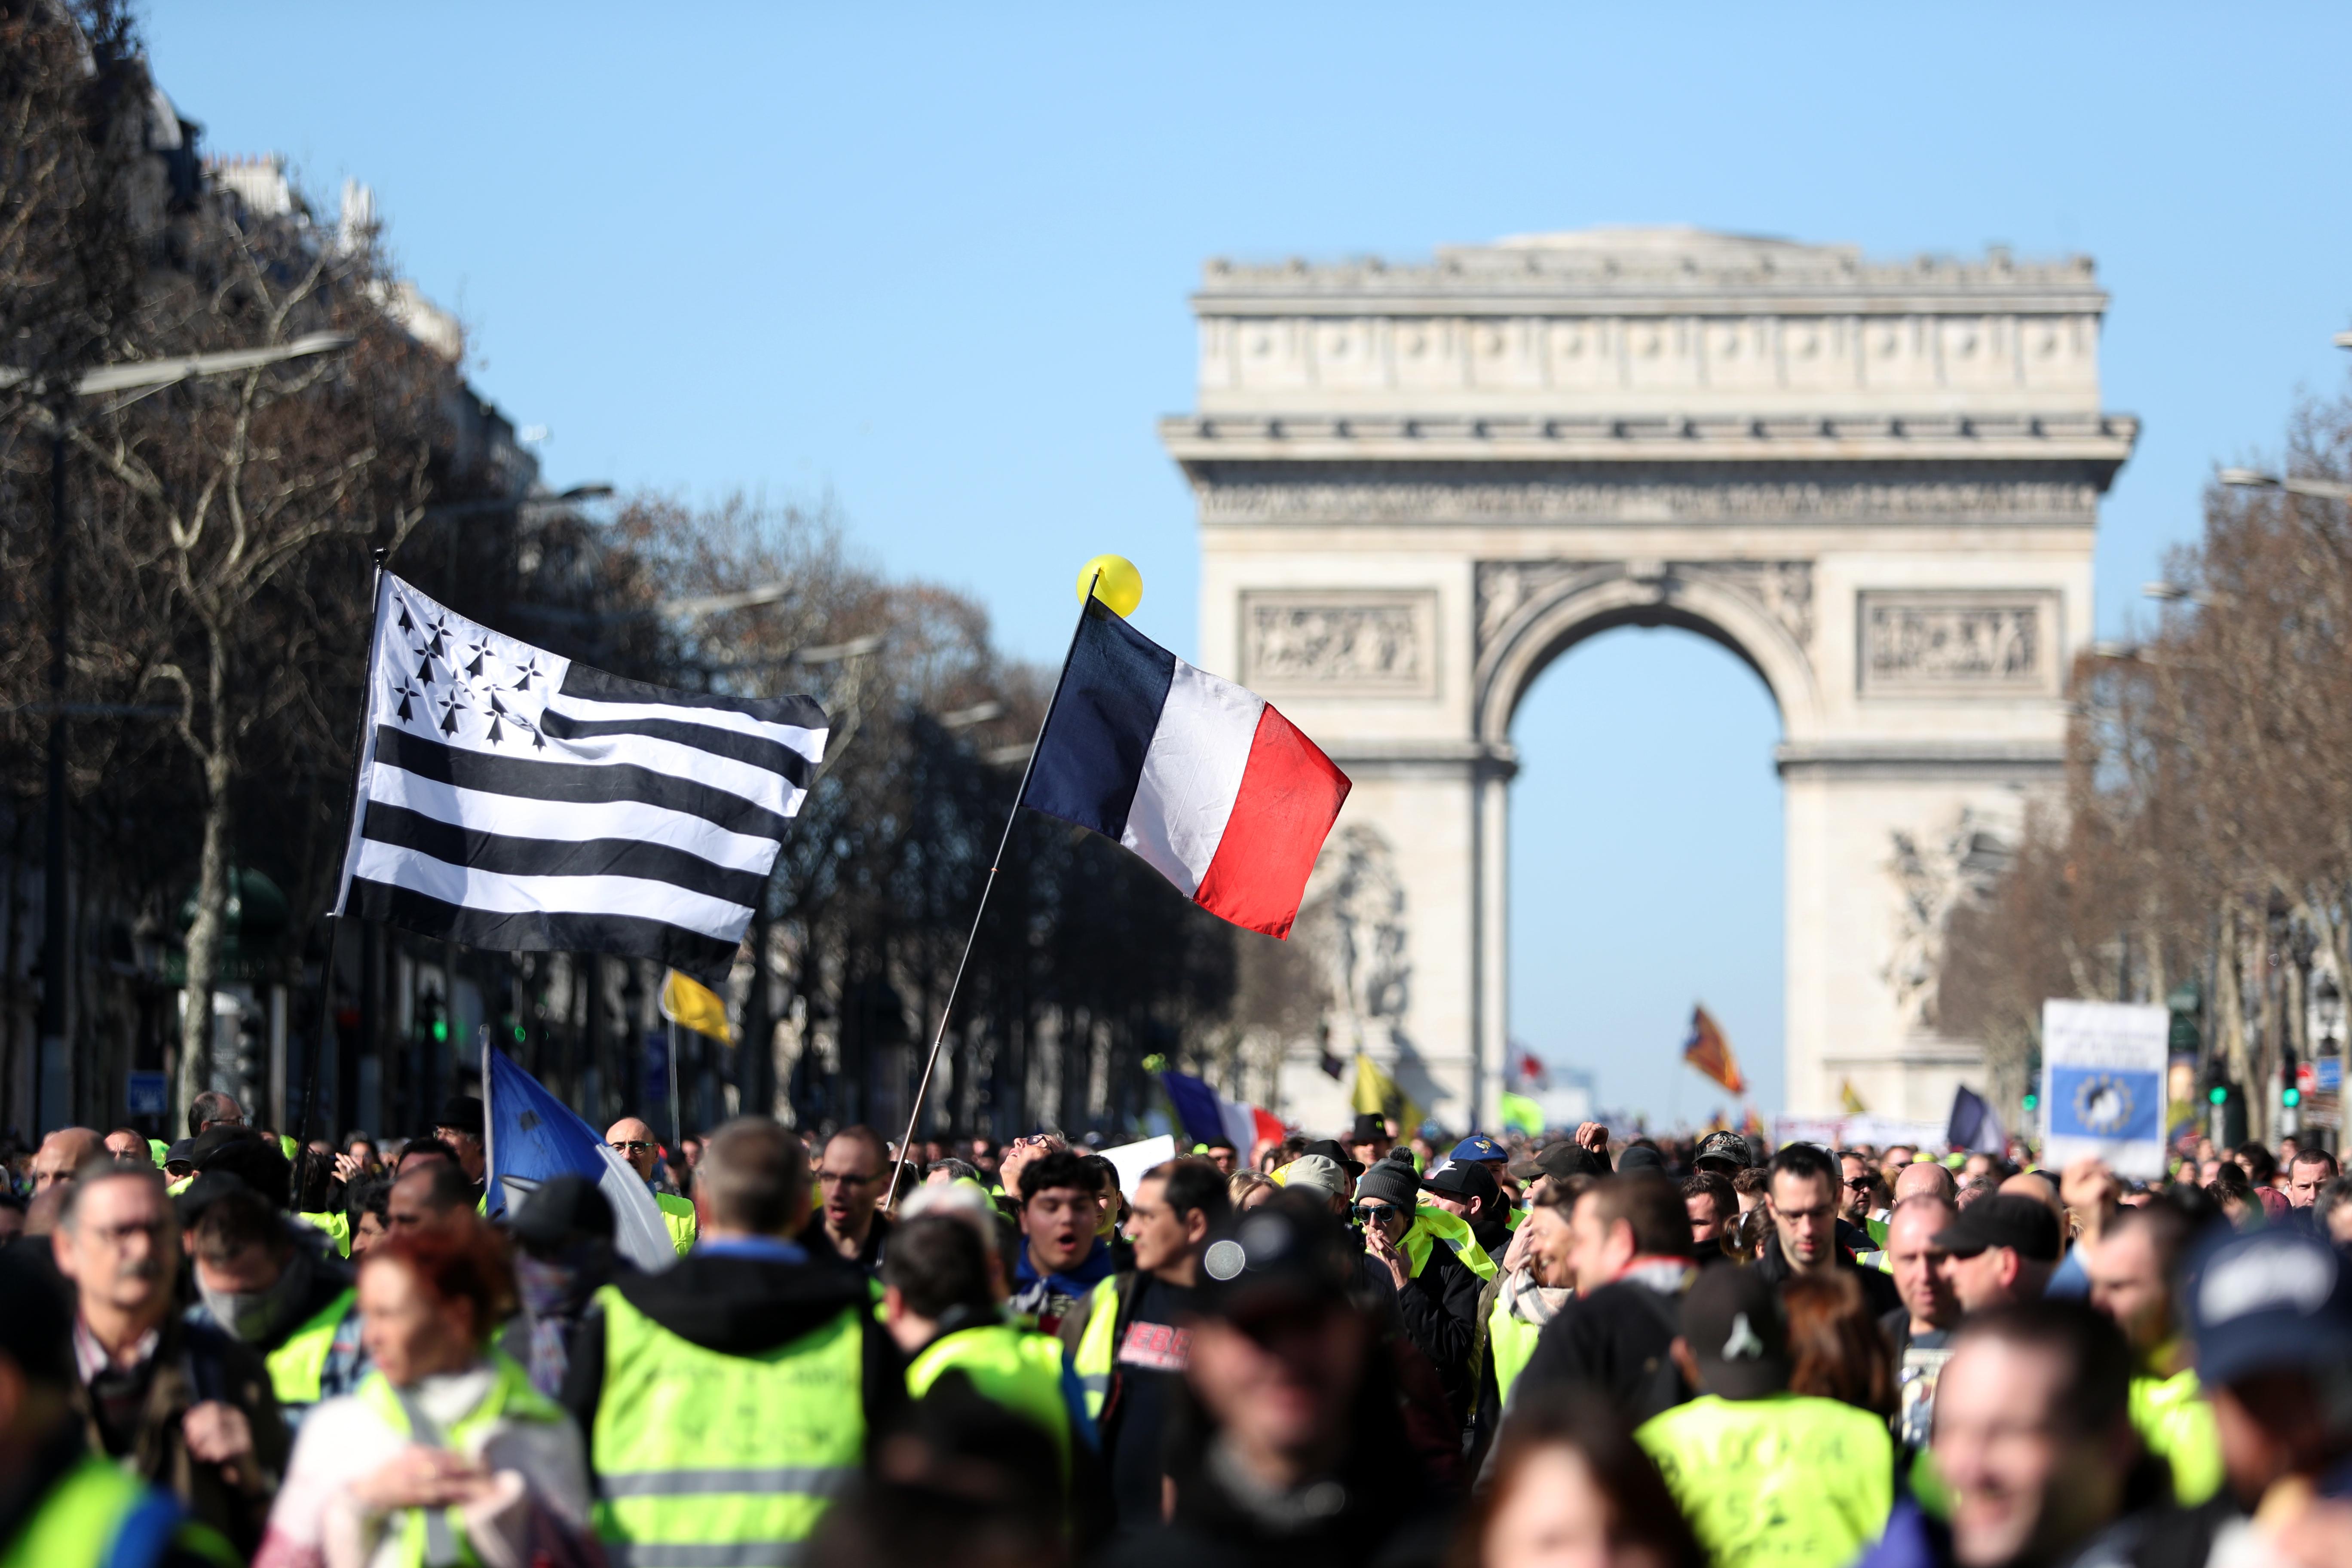 محتجو السترات الصفراء أمام قوس النصر في باريس